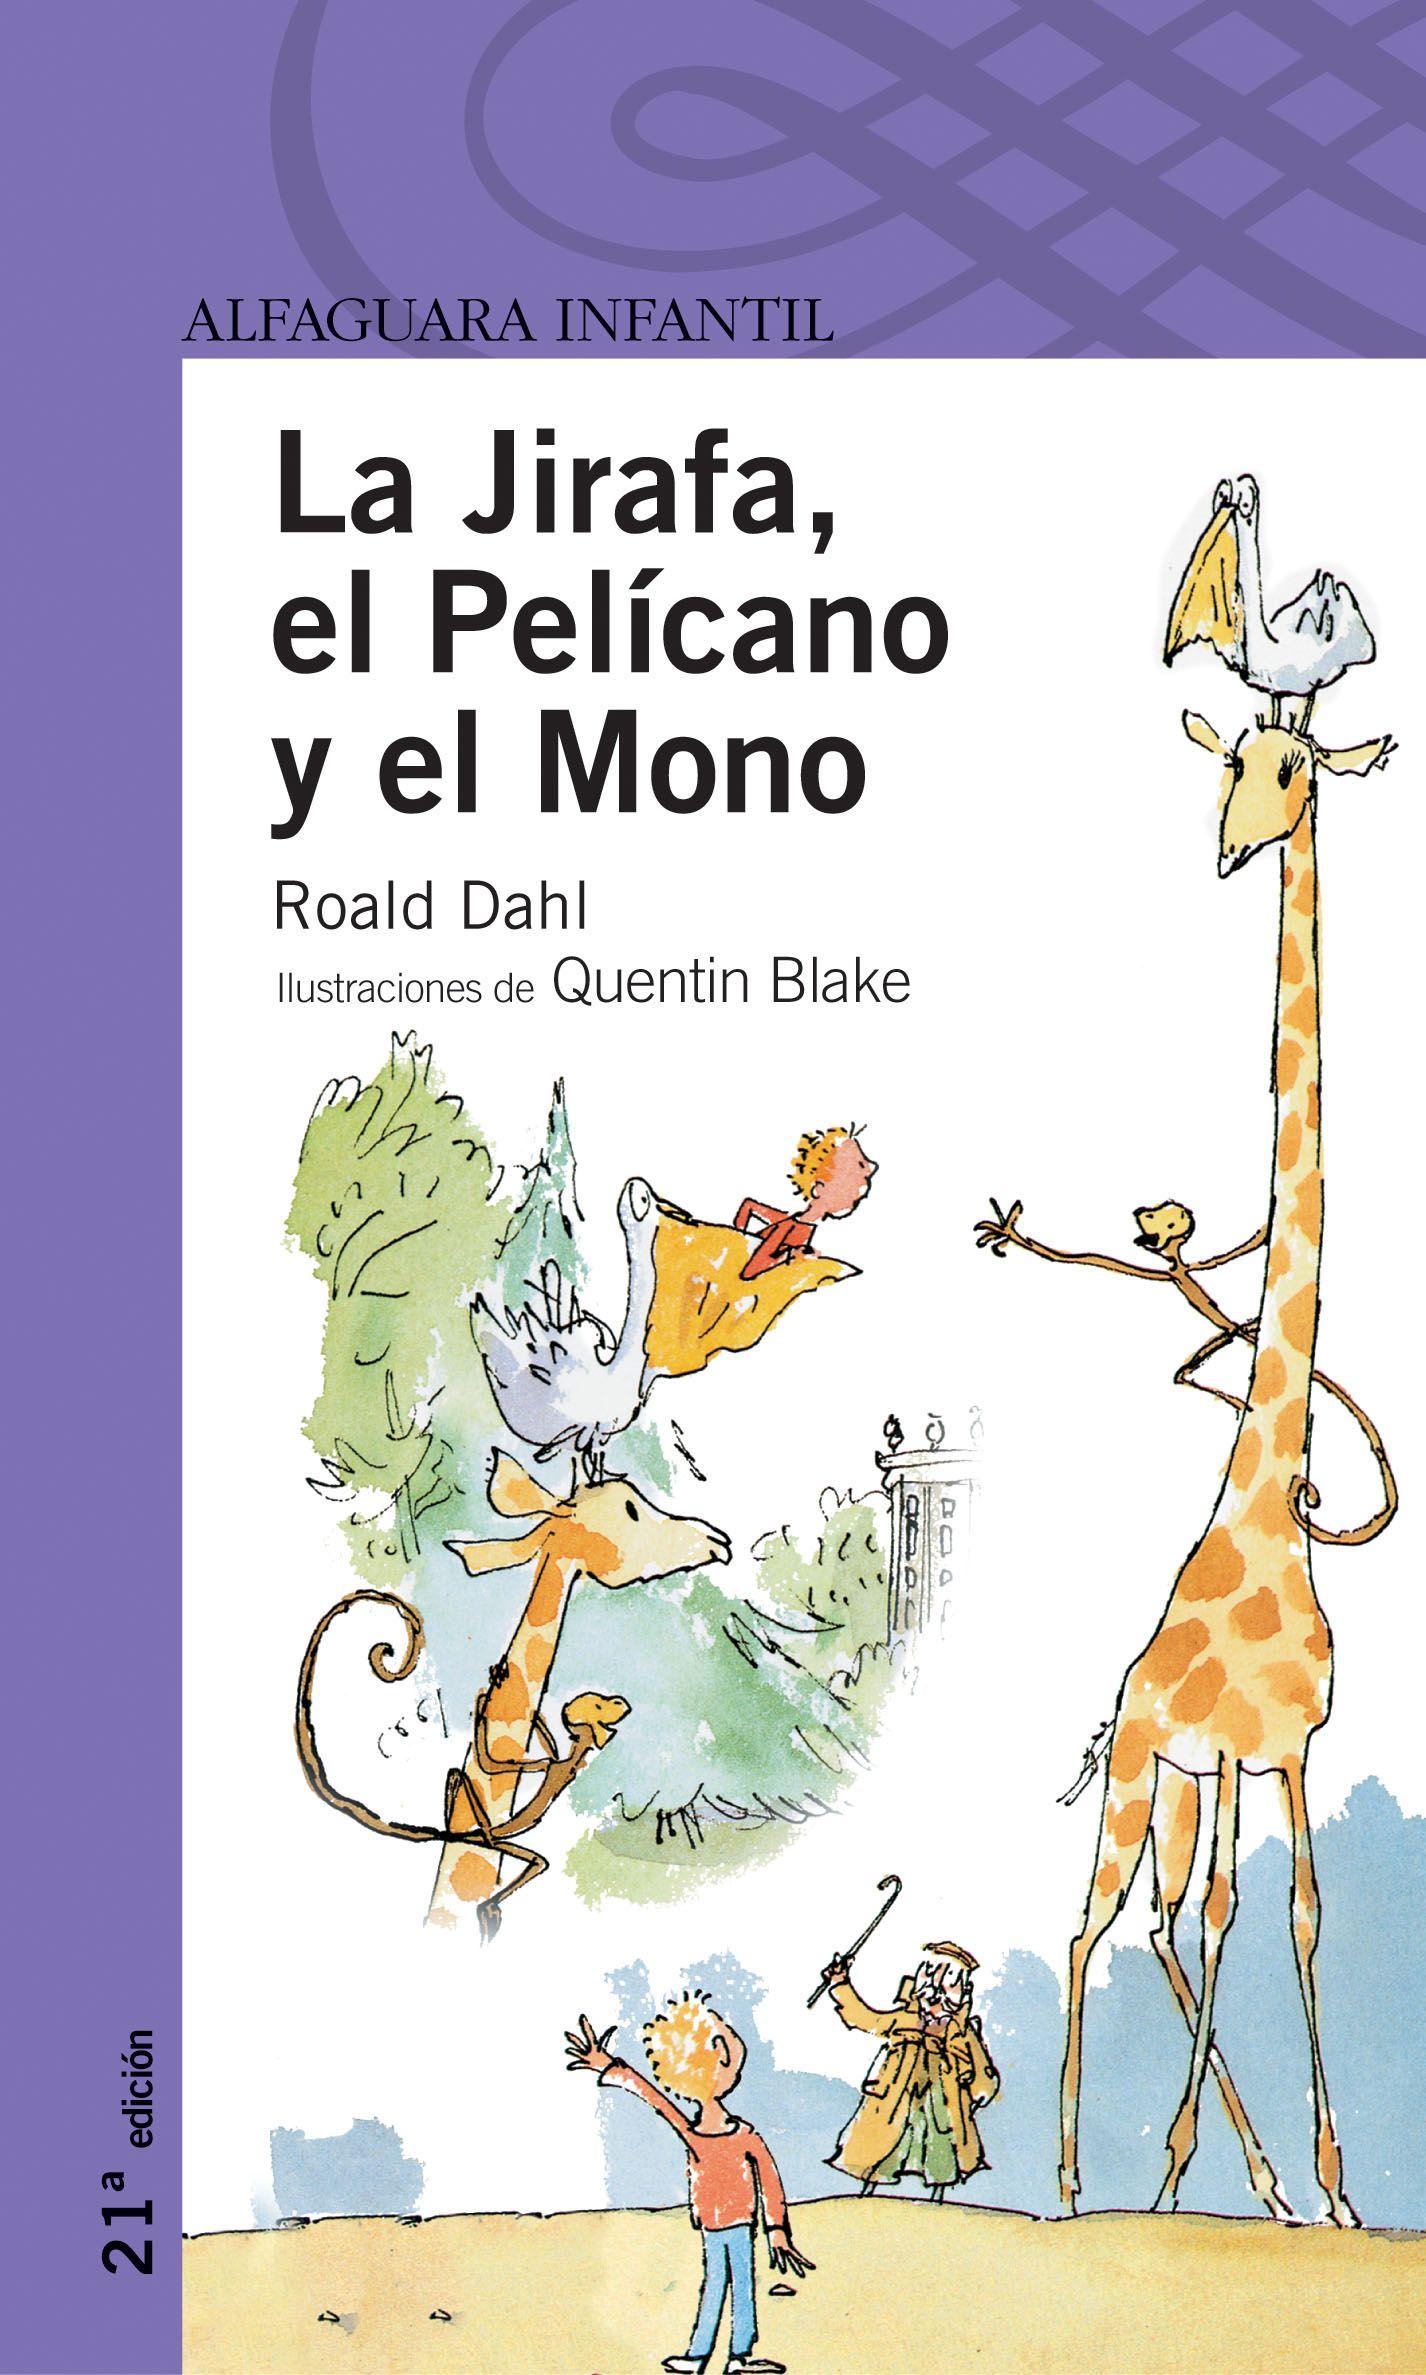 descargar libro la jirafa el pelicano y el mono pdf